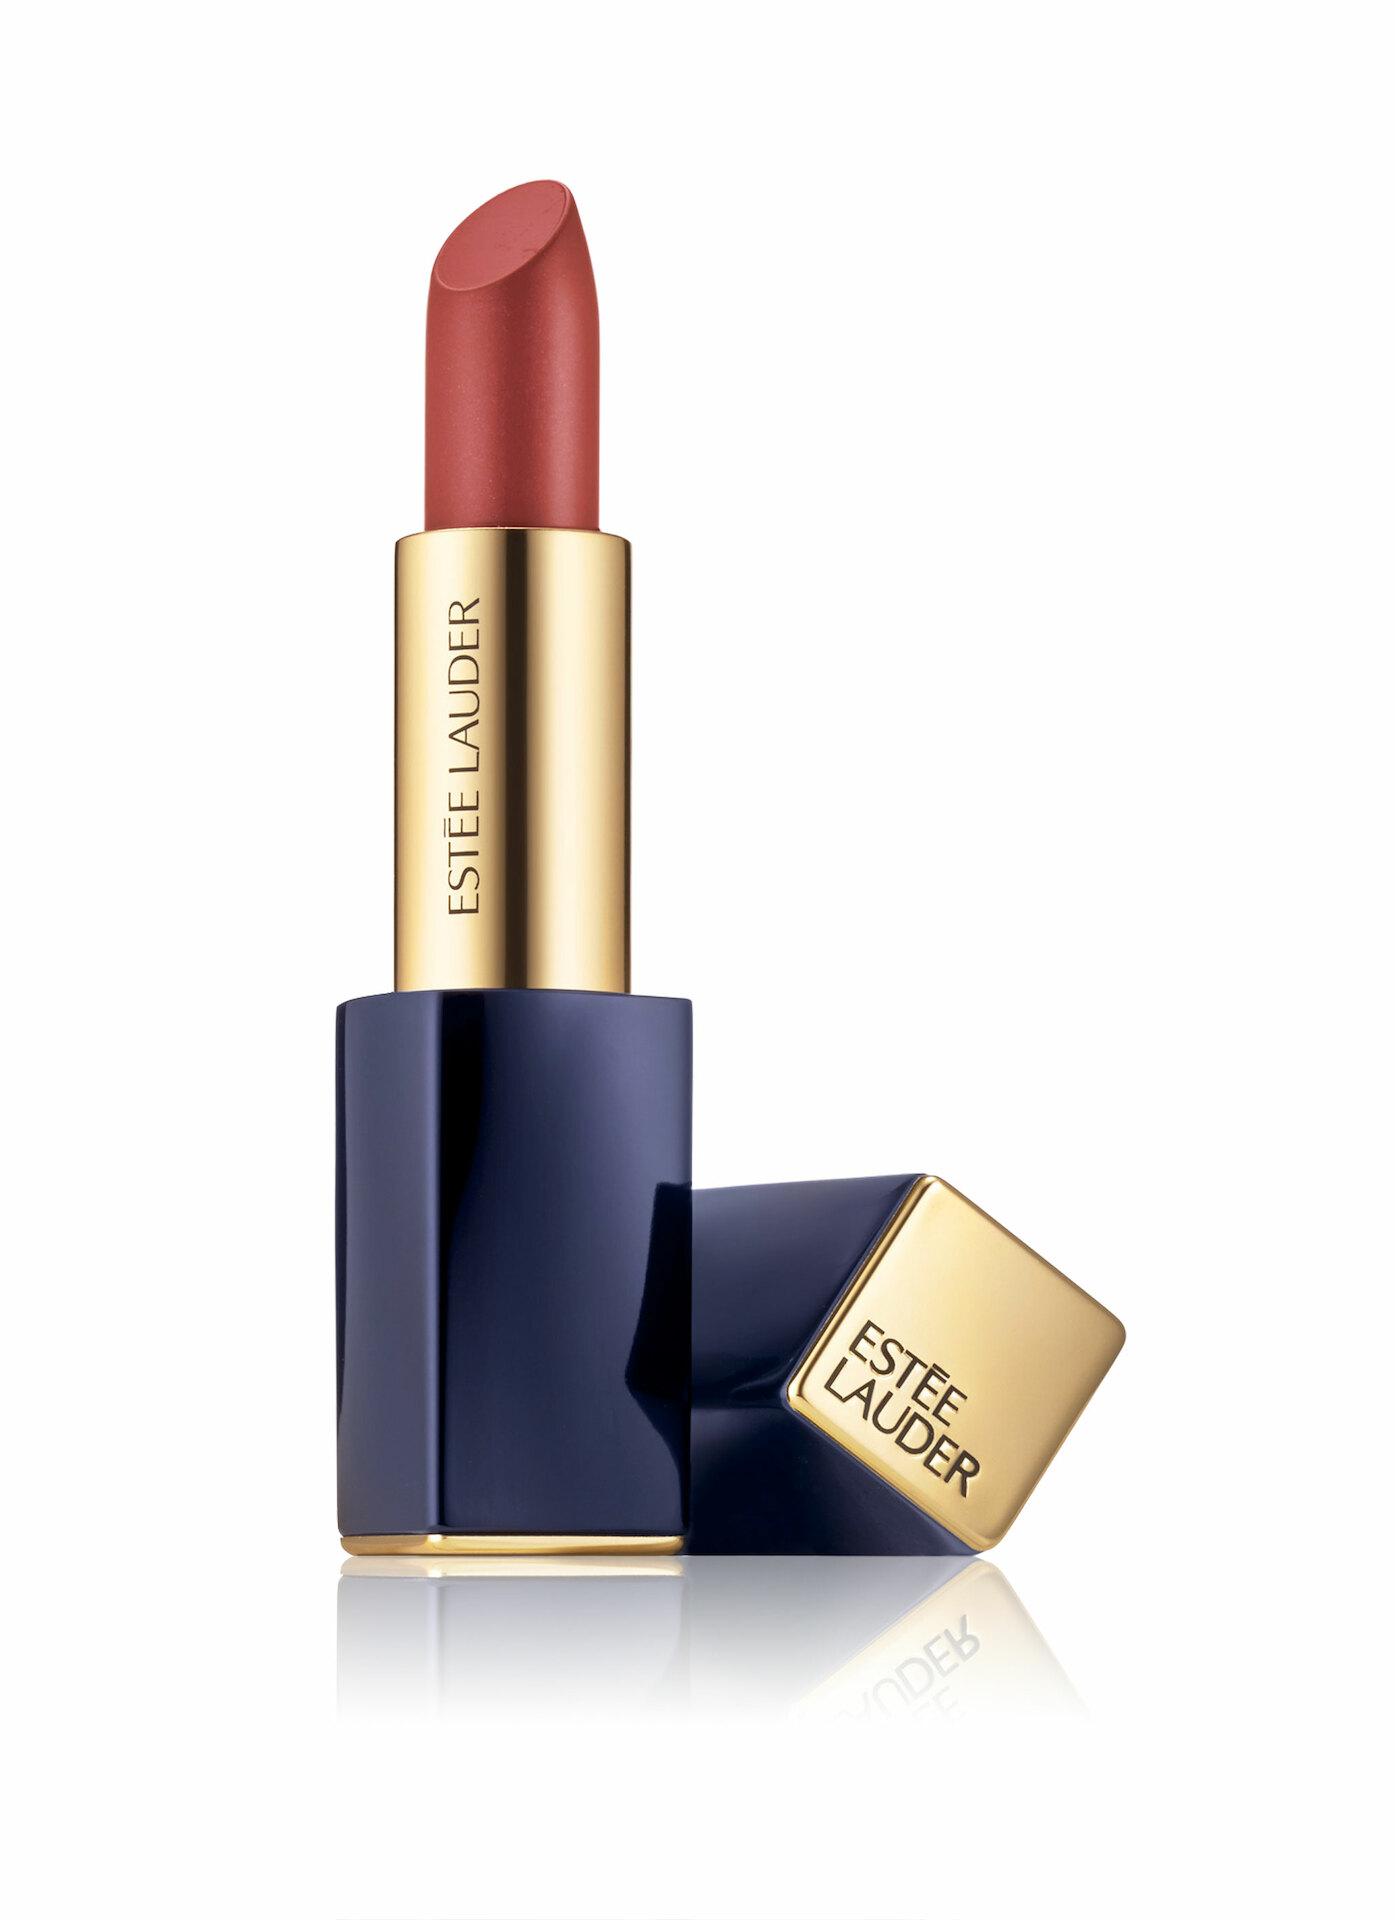 Pure Color Envy Sculpting Lipstick Bois de Rose